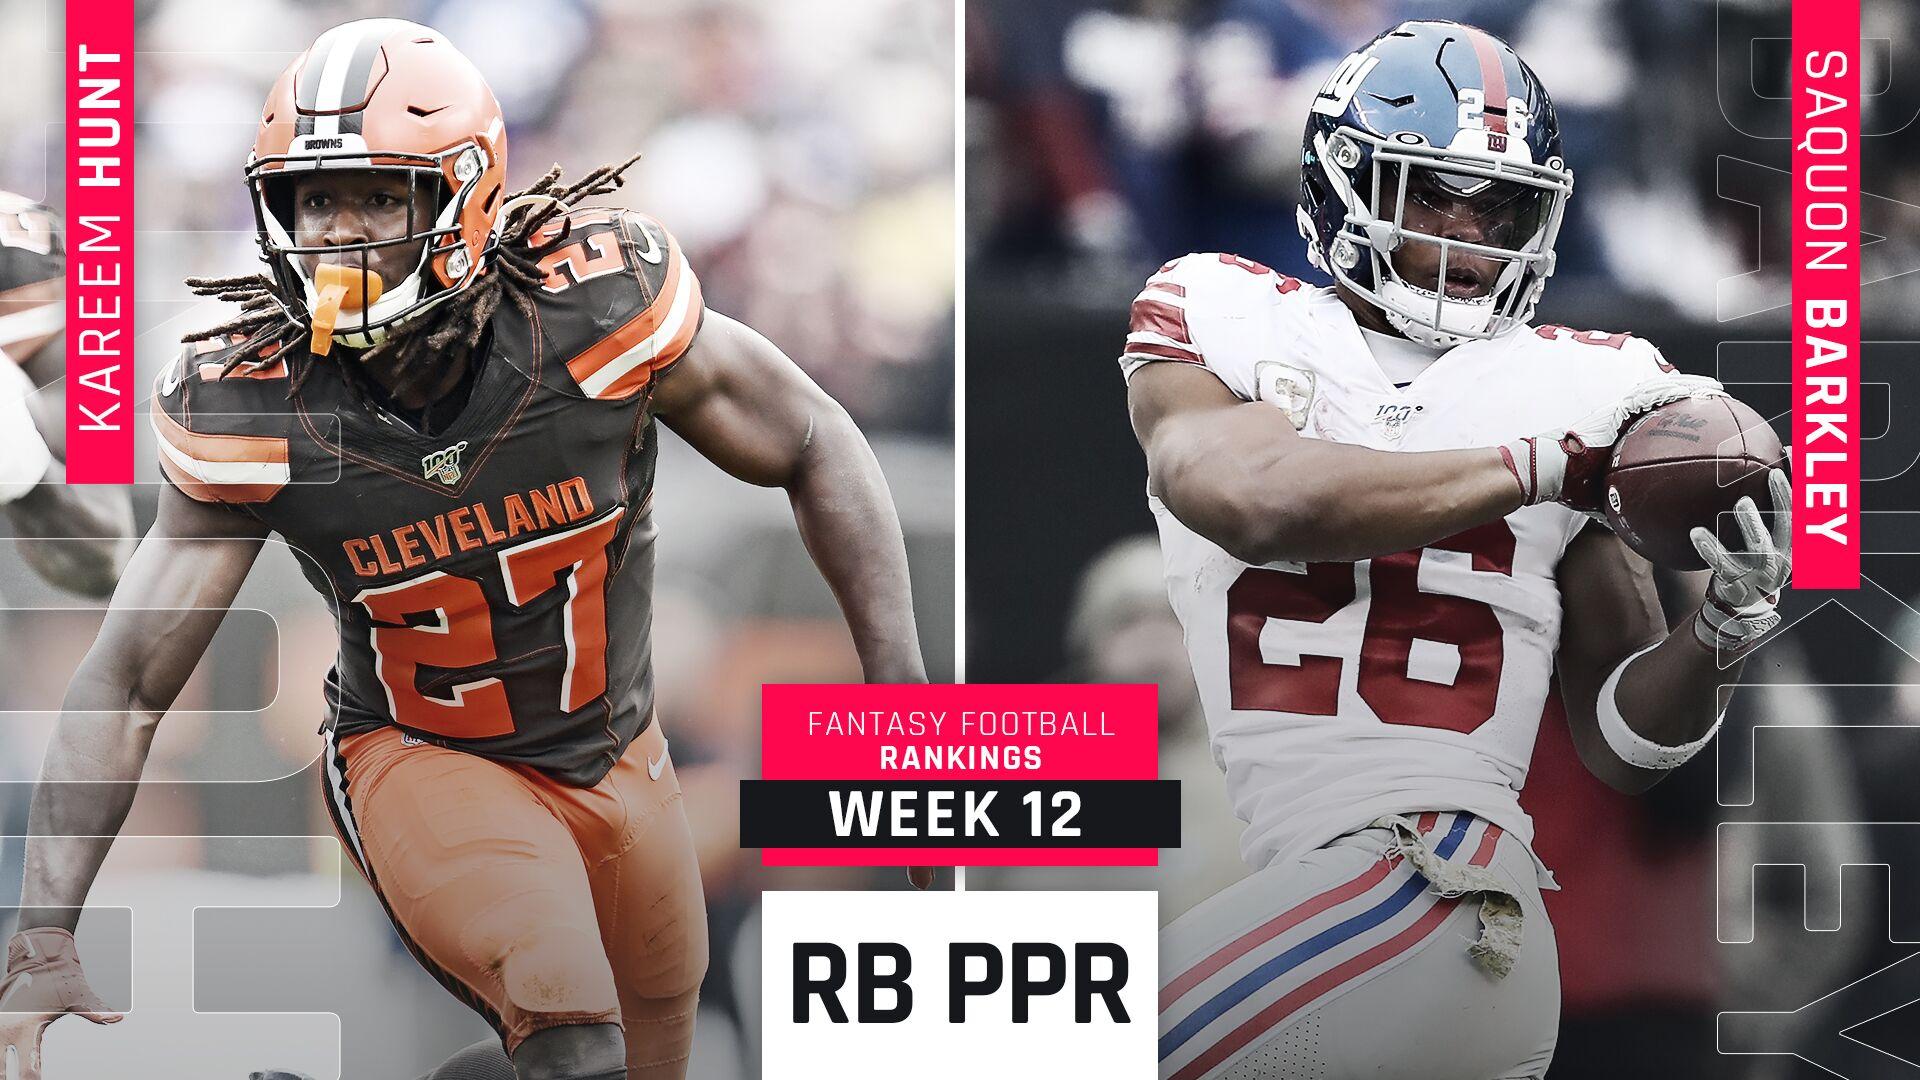 Week 12 Fantasy PPR RB Rankings